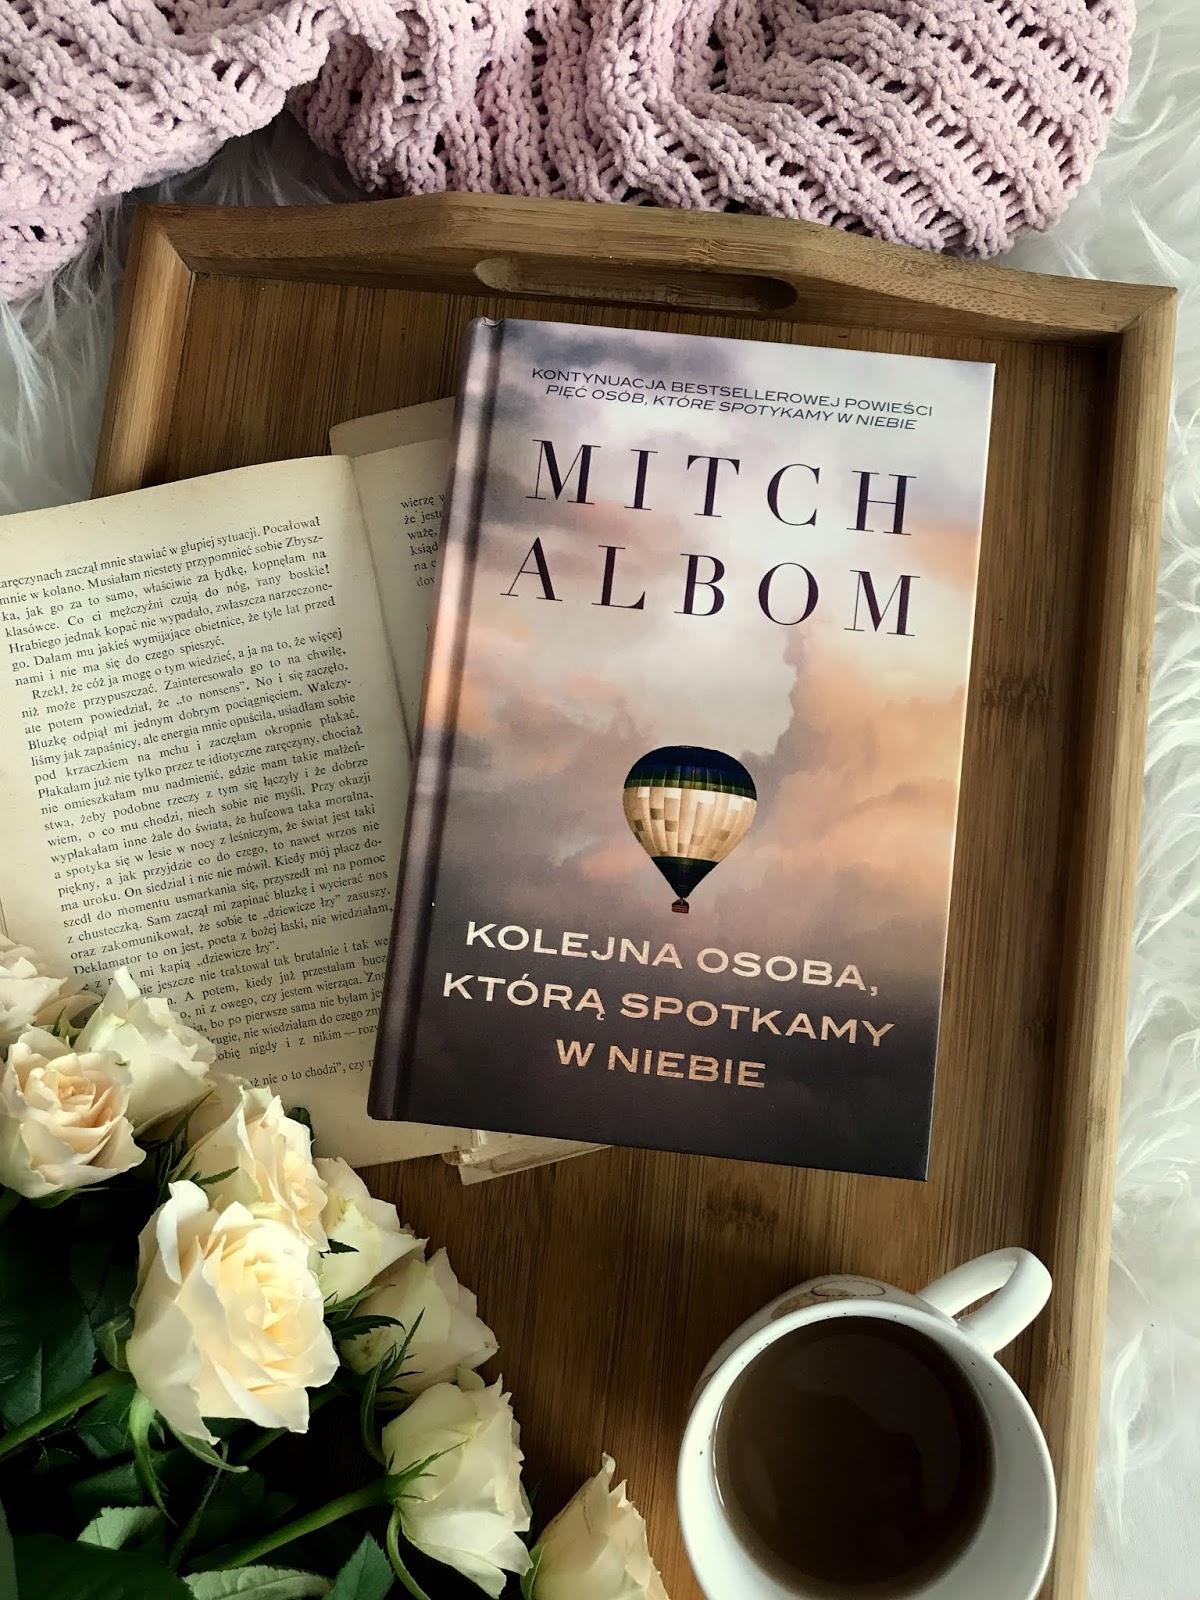 Mitch Albom, Kolejna osoba, którą spotykamy w niebie